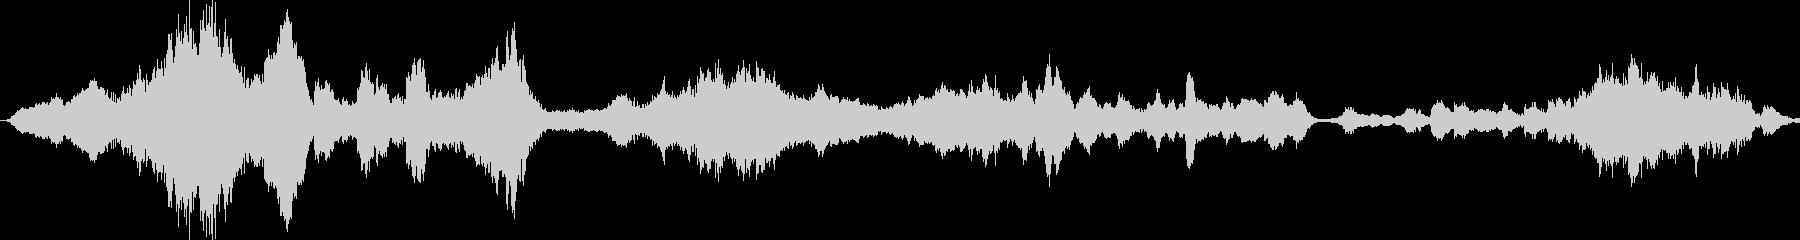 サスペンス。バイオリンスリックのビ...の未再生の波形